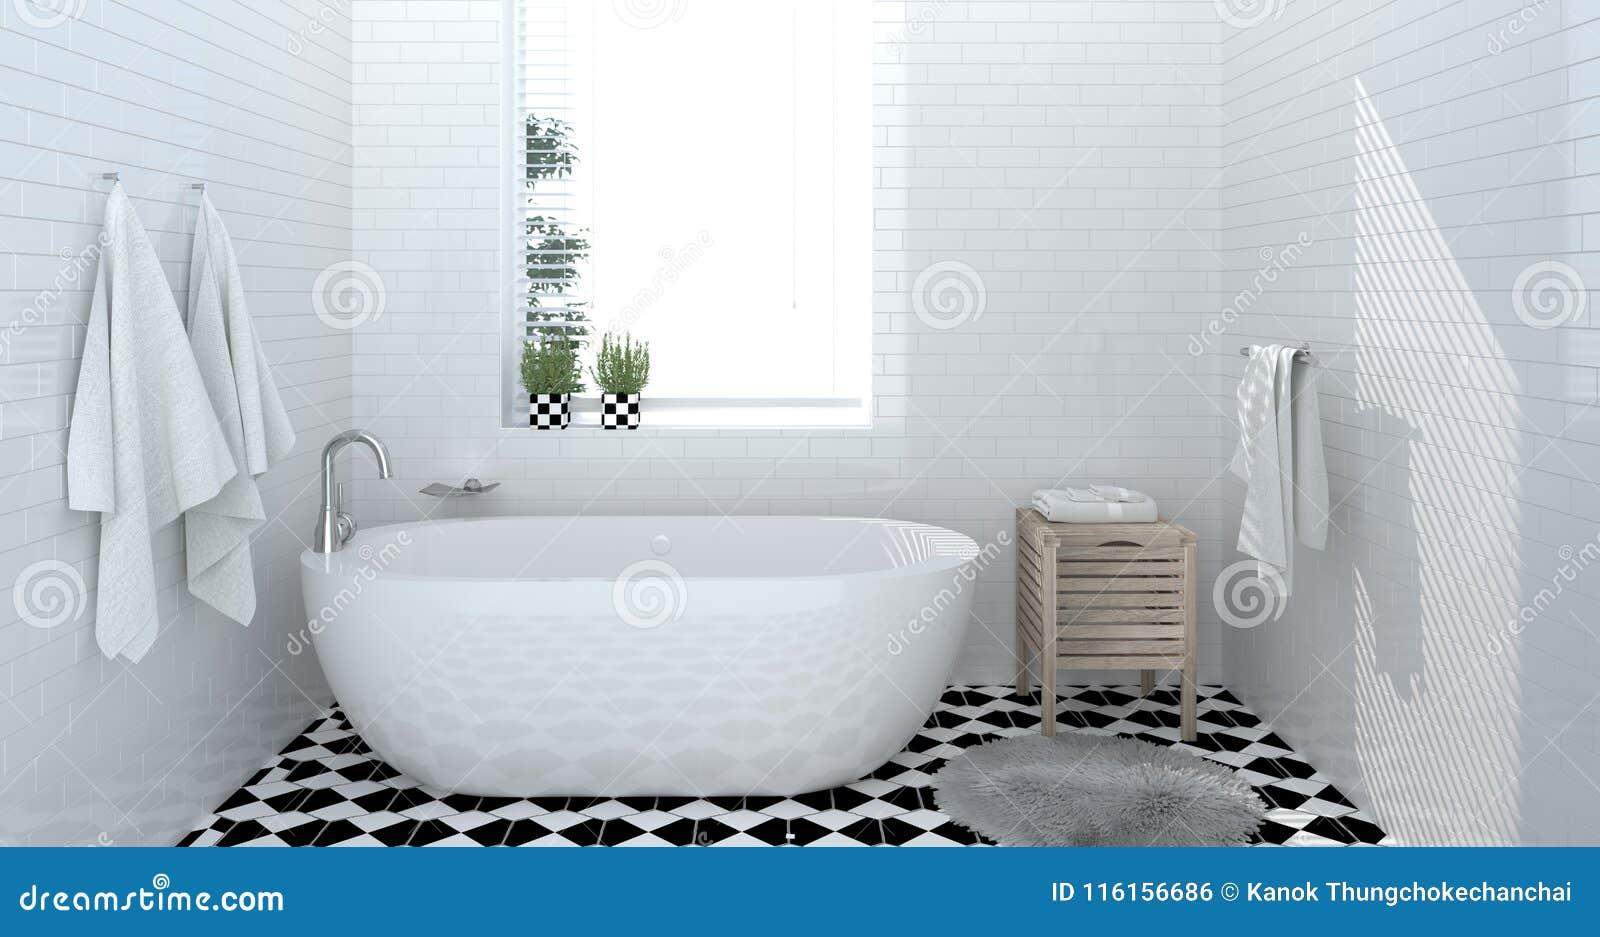 卫生间内部,洗手间,阵雨,拷贝空间背景白色瓦片卫生间的现代家庭设计3d翻译